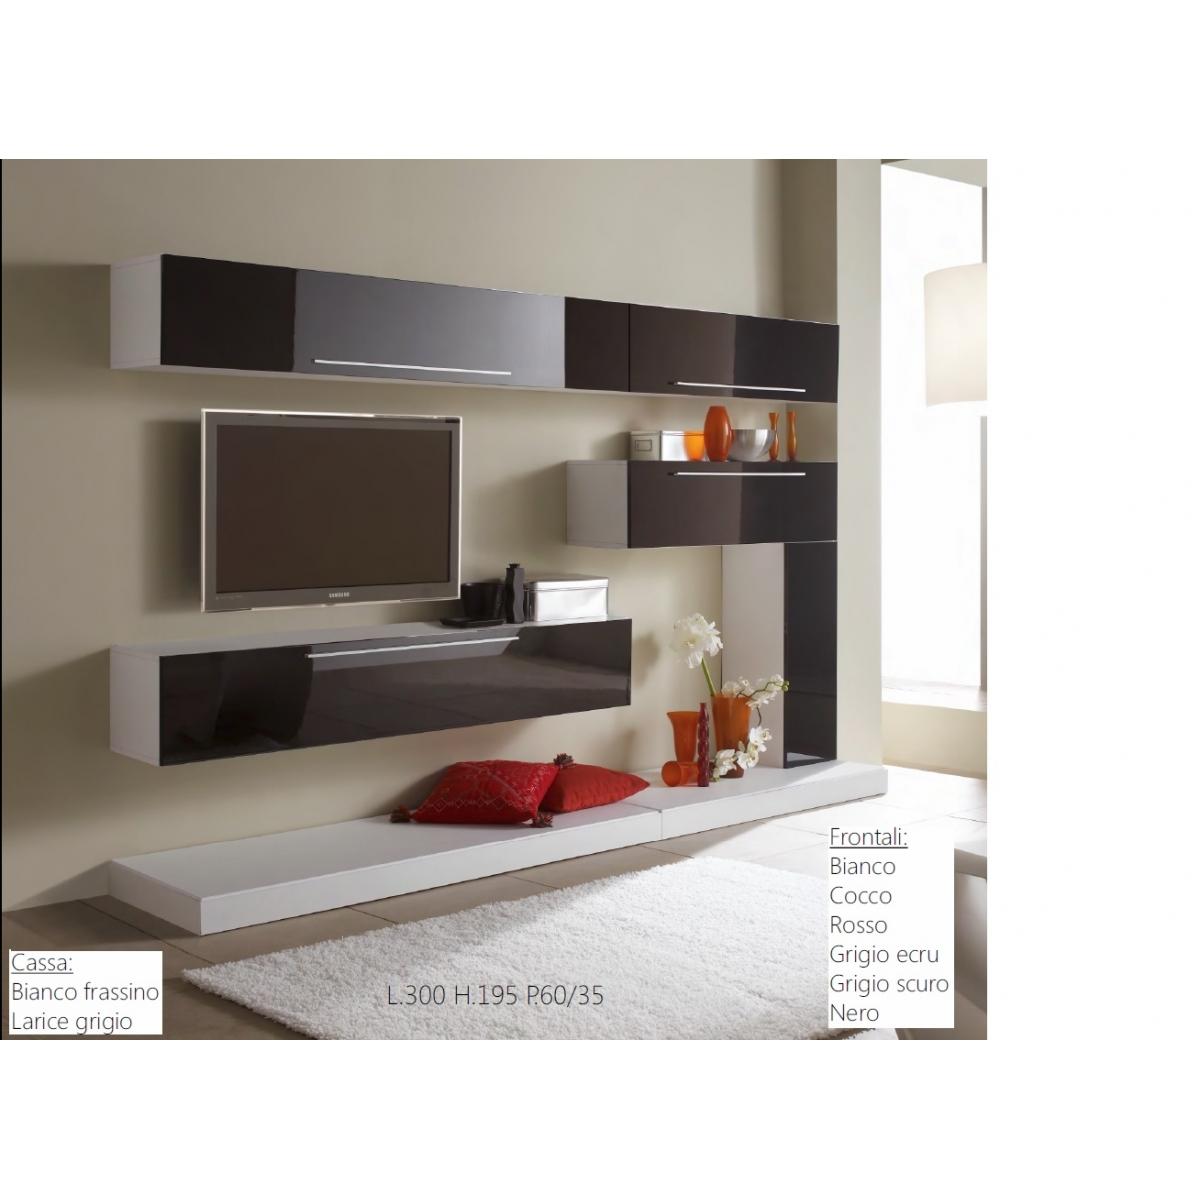 Soggiorno torino conforama - Ikea torino catalogo ...